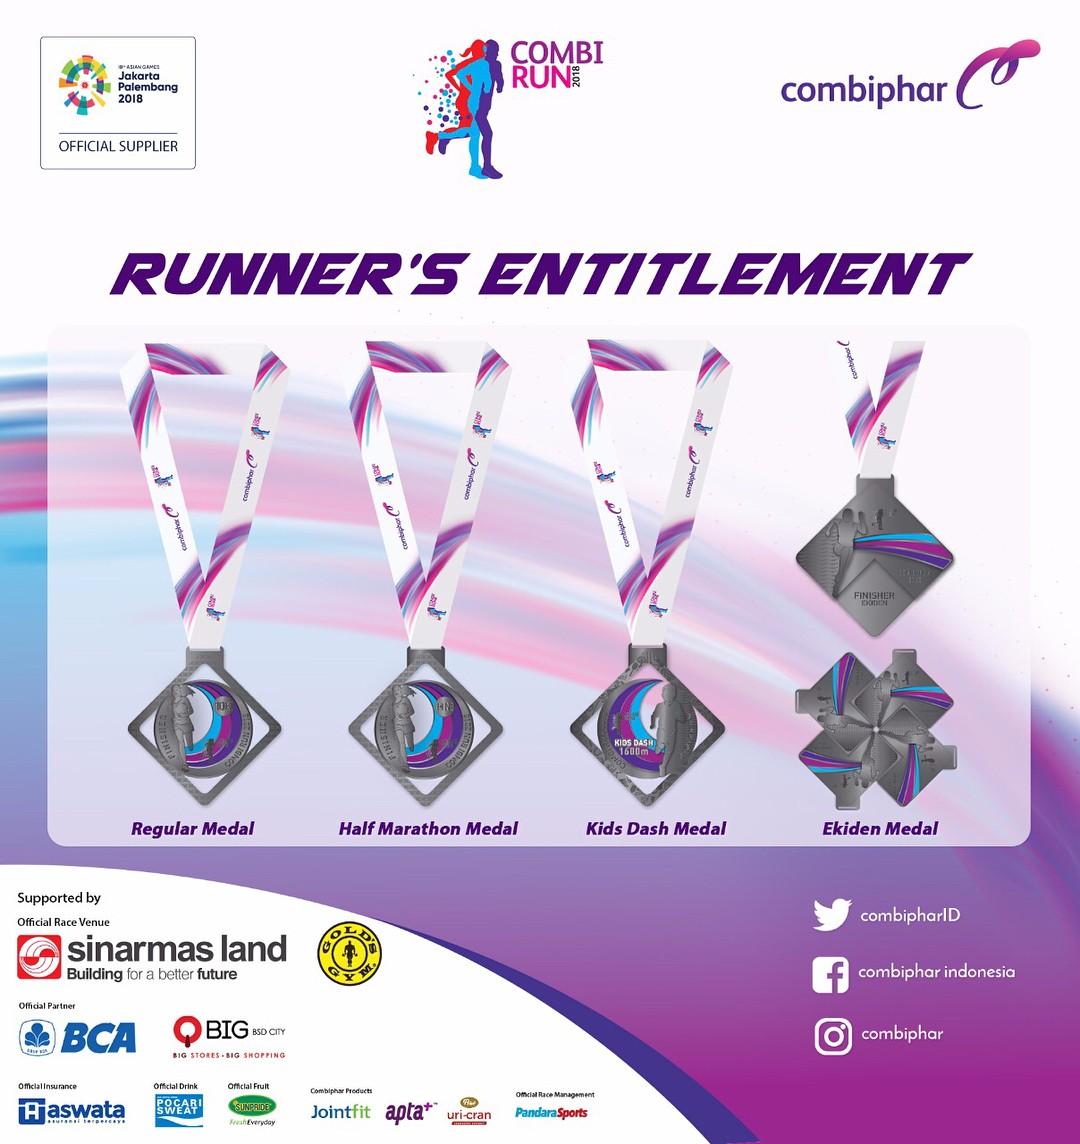 Medali 🏅 Combi Run • 2018